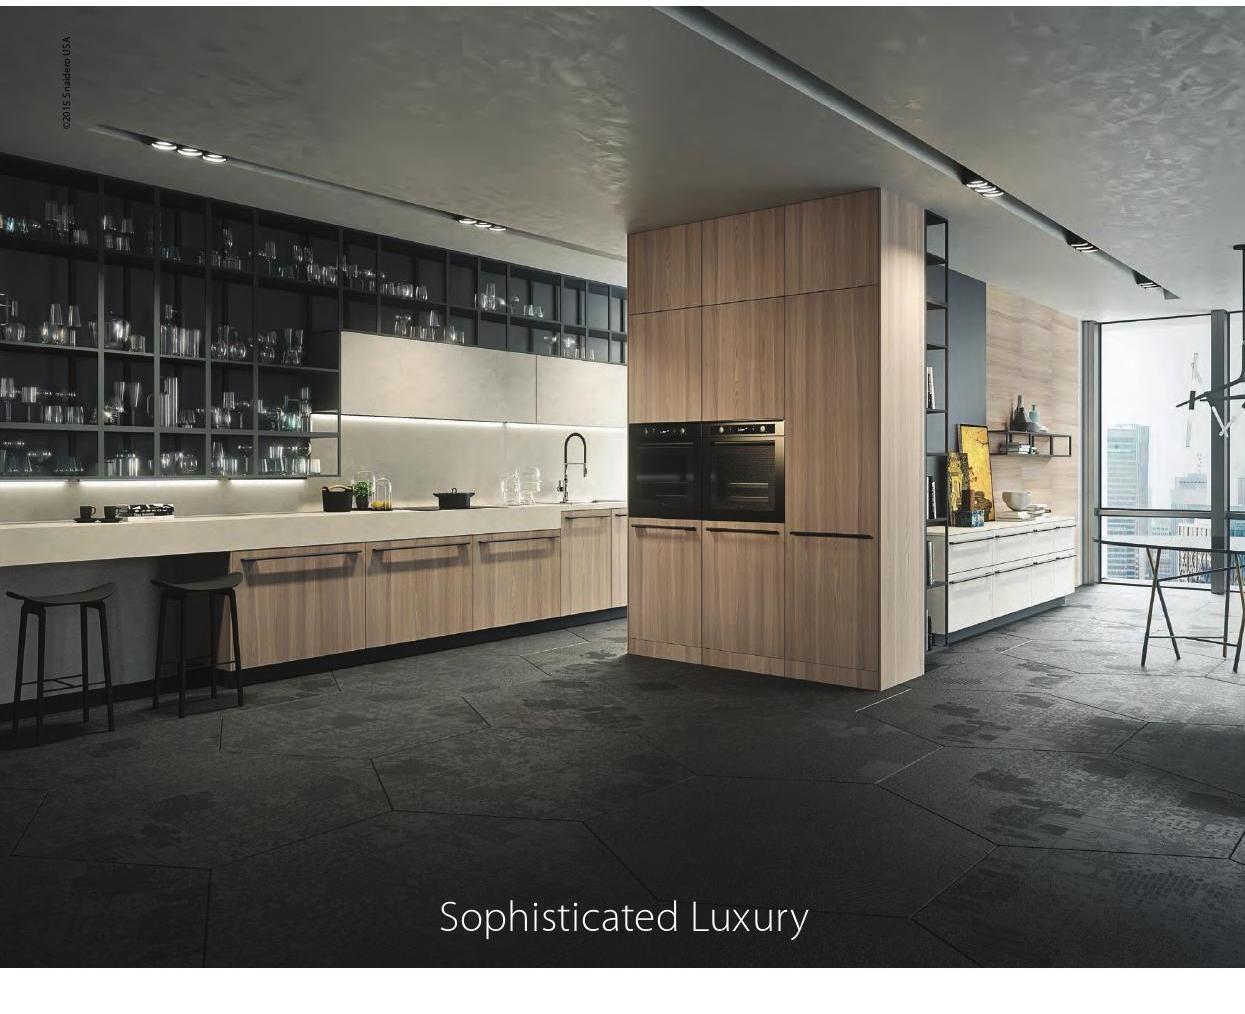 Modern Luxury Interiors Chicago Summer 2015 Luxury Kitchen